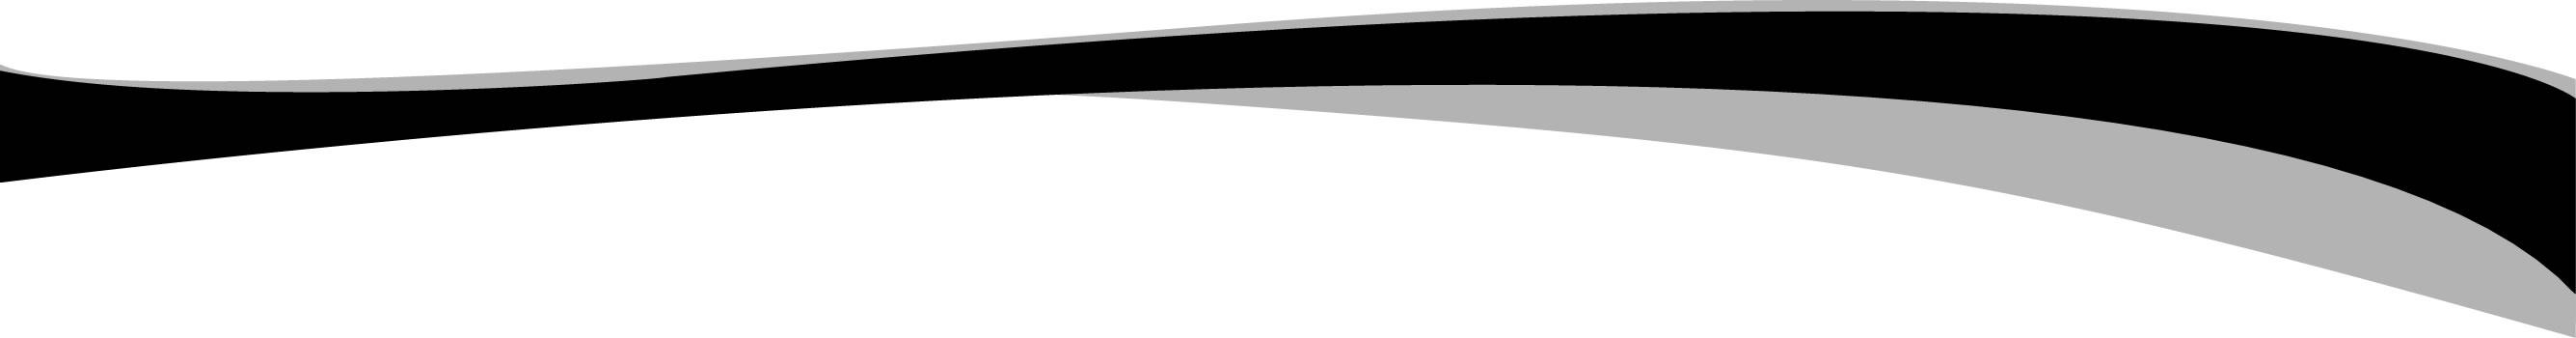 2671x350 Company Logos